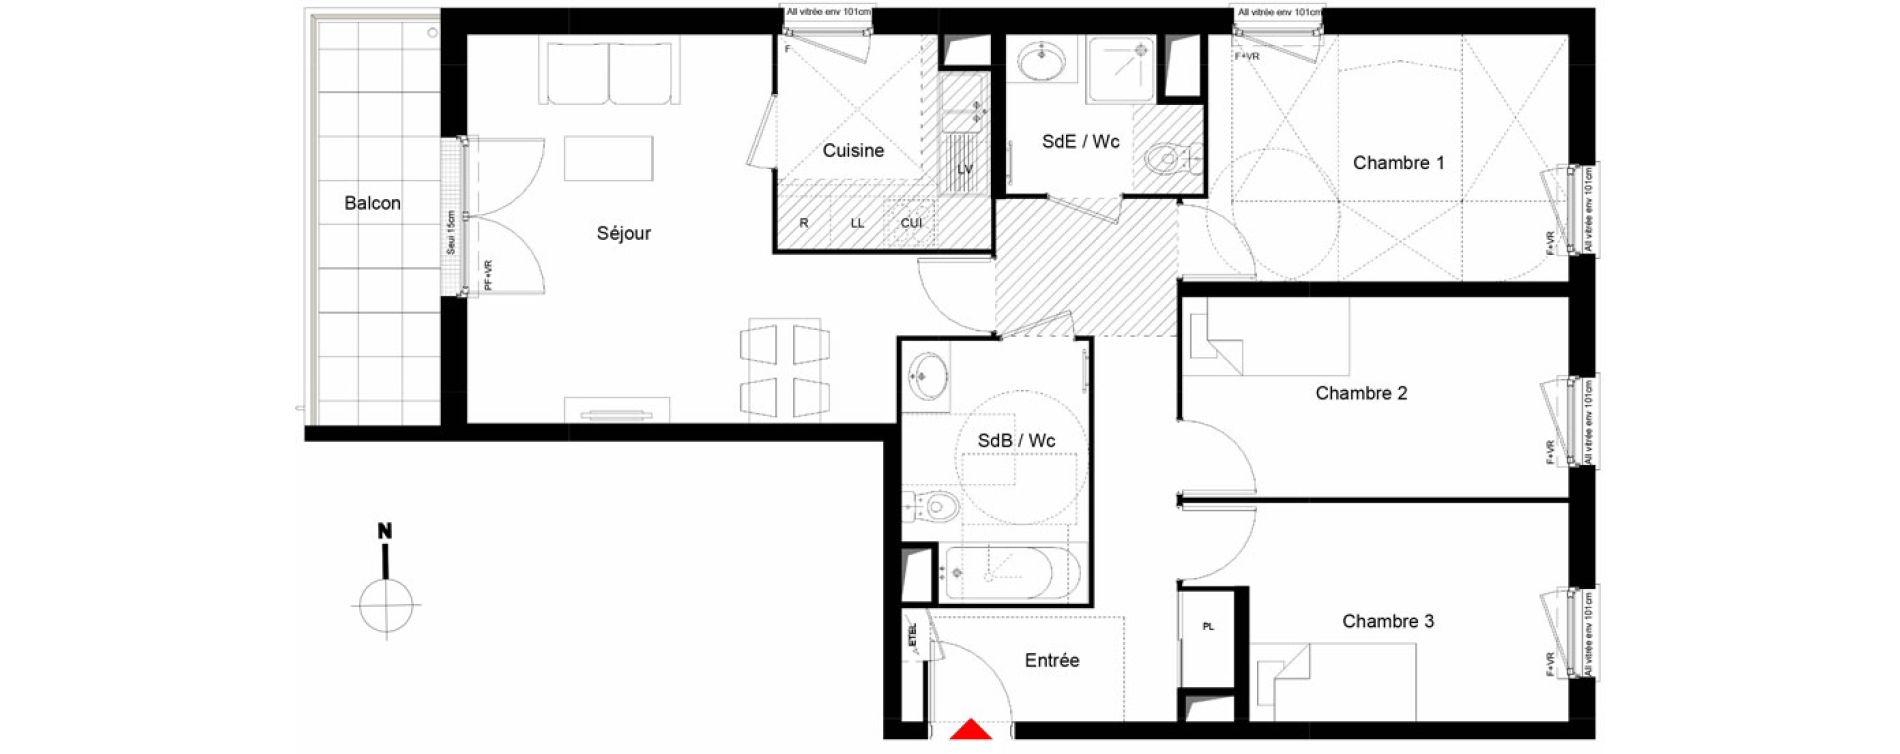 Appartement T4 de 76,78 m2 à Trappes Centre